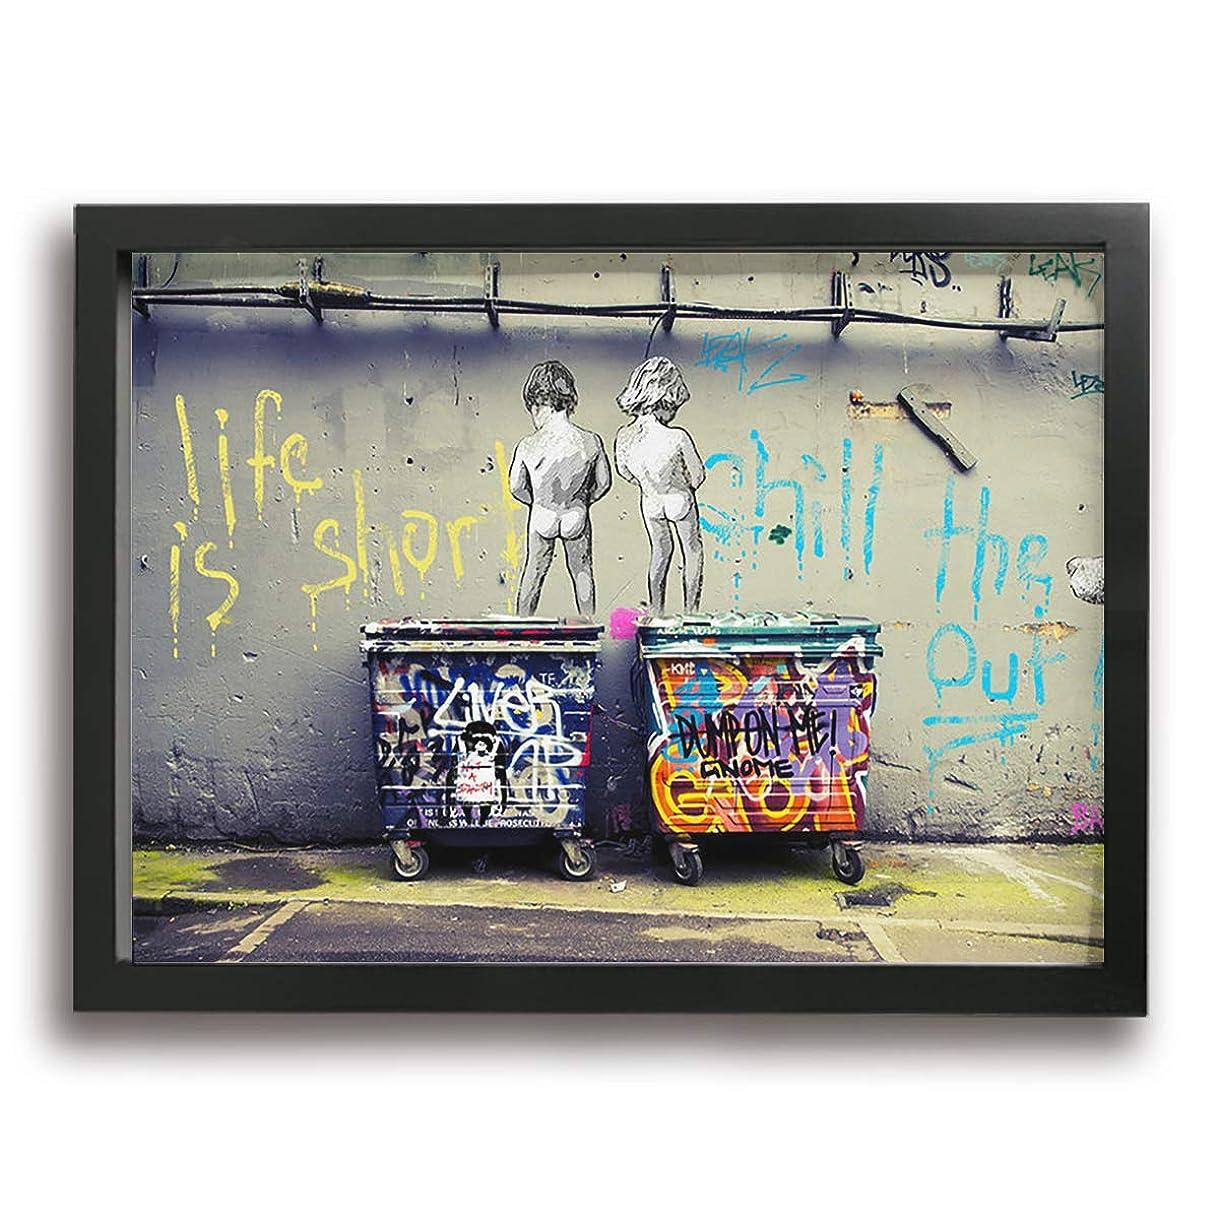 落胆させるメガロポリス抑止するSteven Robert Banksy バンクシー ストリート アートパネル アートフレーム キャンバス絵画 インテリアパネル インテリア絵画 インテリア装飾 壁飾り木枠セットお洒落 アートパネル Arts モダン 新築飾り 贈り物